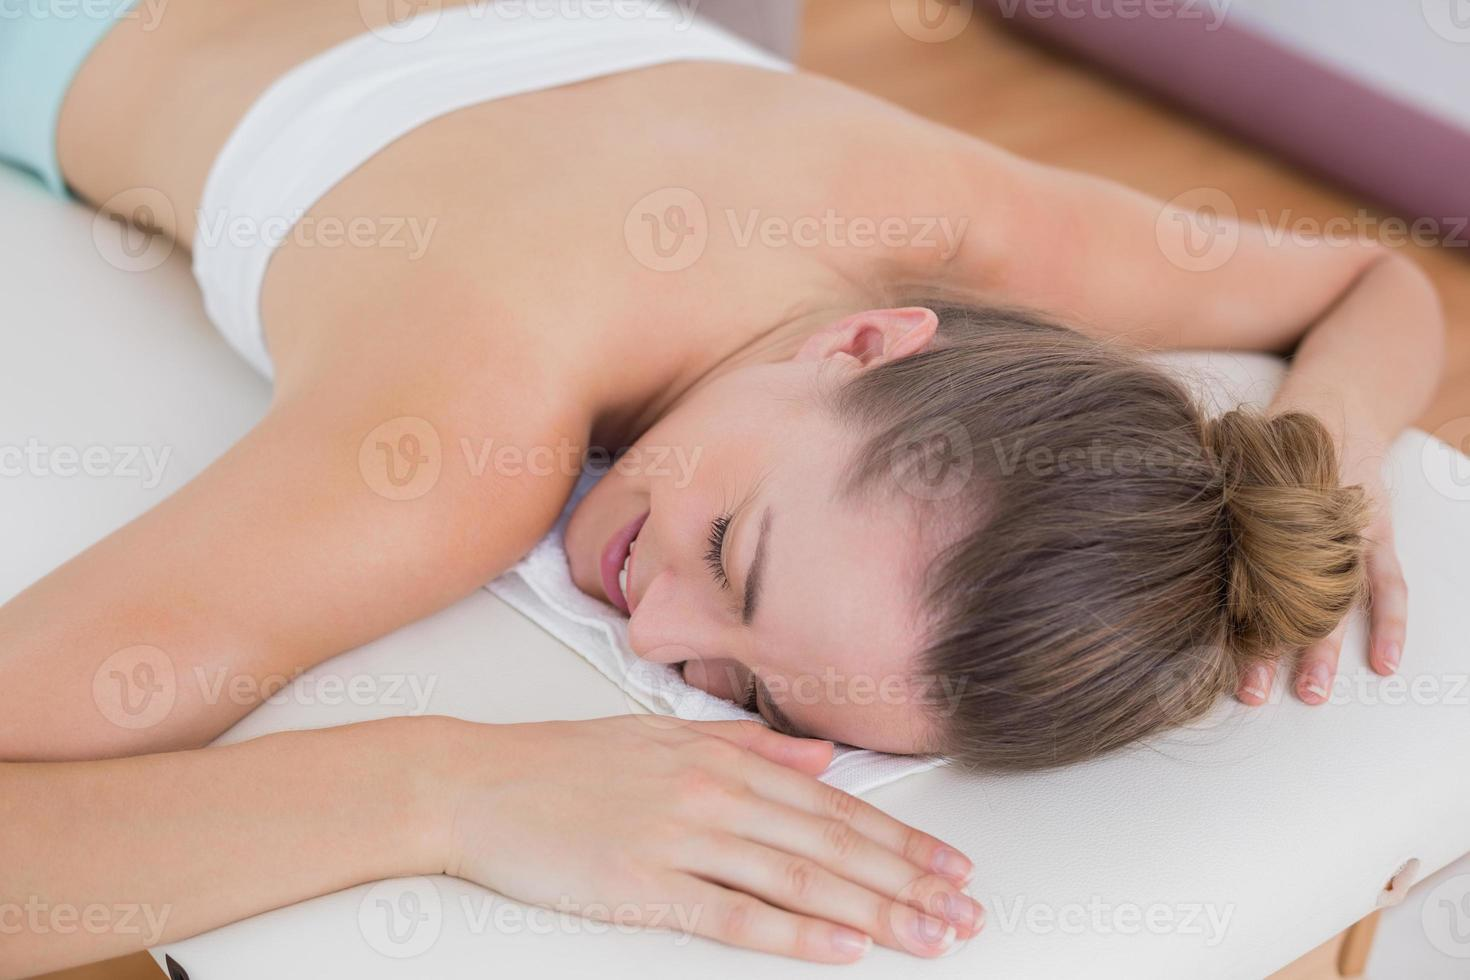 paciente durmiendo en la cama foto